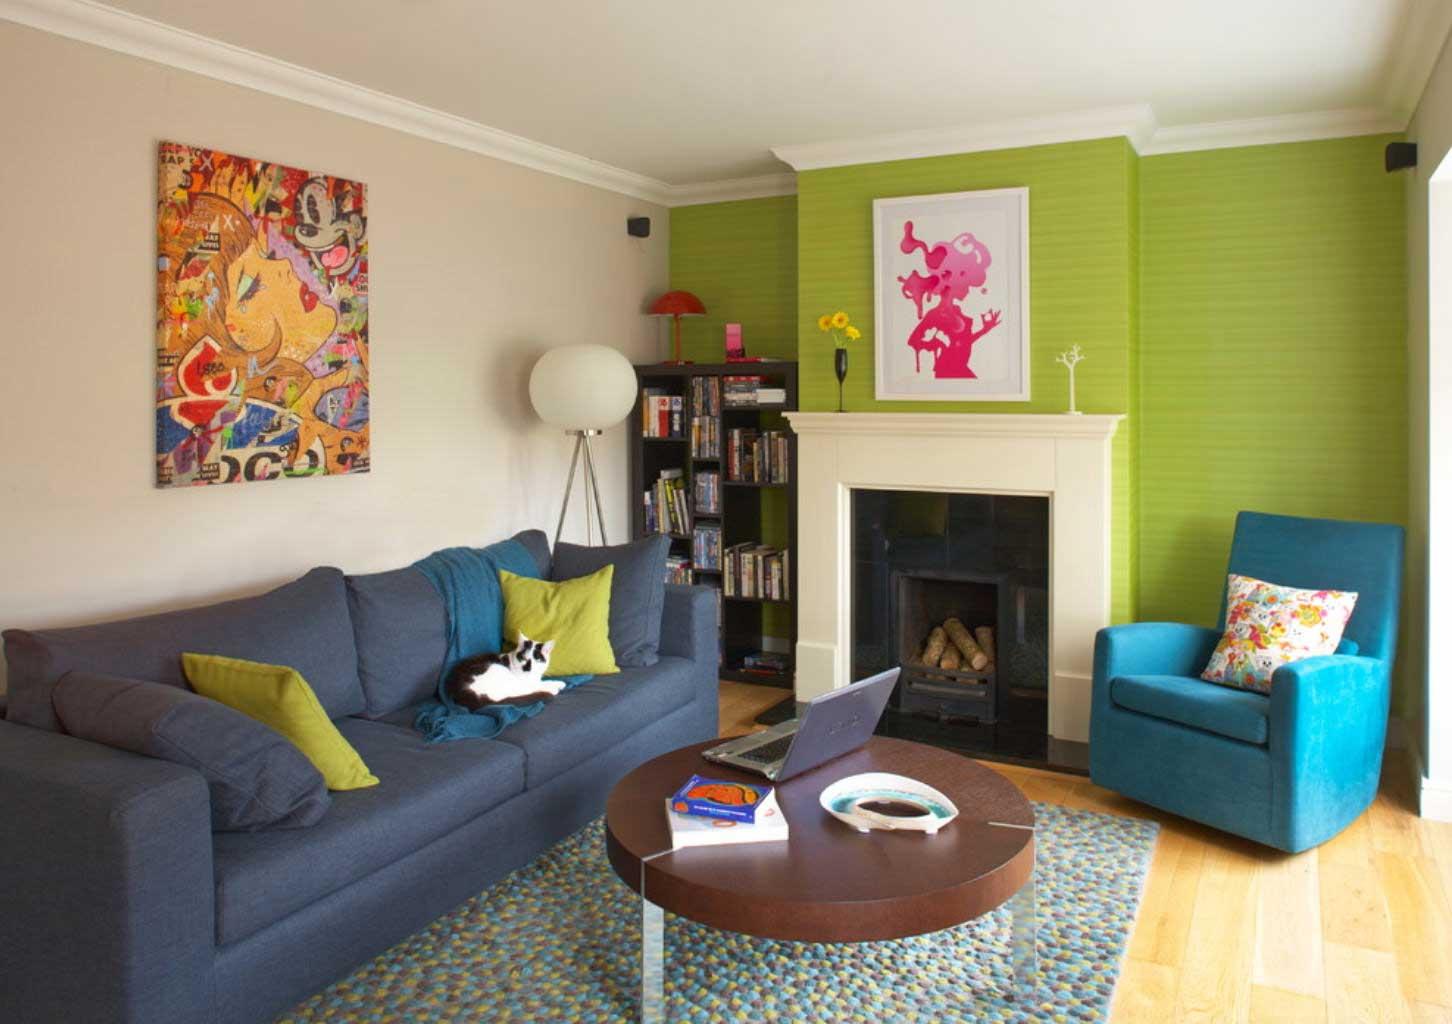 Выбор цвета не только стен или пола, но и мебели очень важен для маленькой комнаты